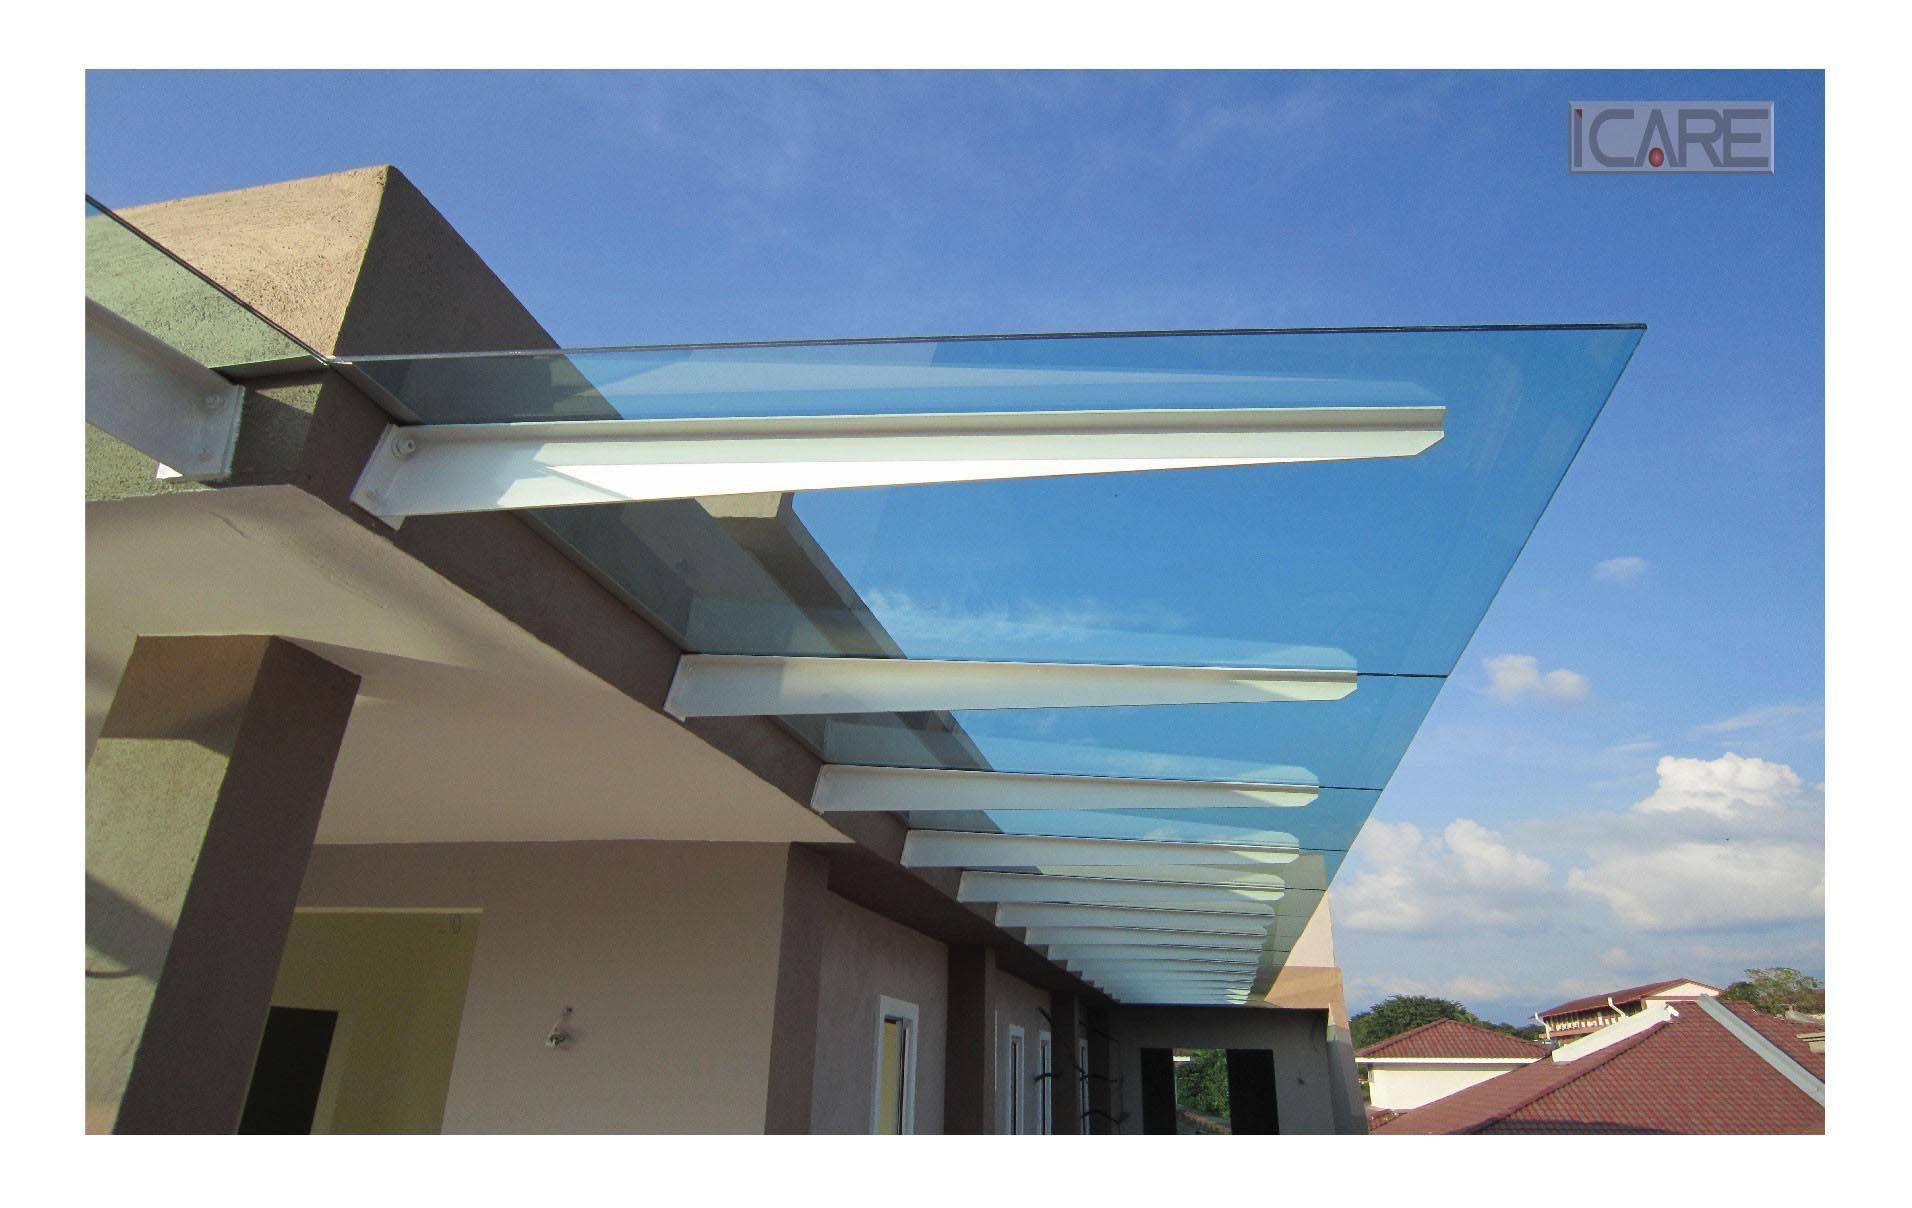 Glass Roof Panels Pergola In 2020 Glass Roof Panels Pergola